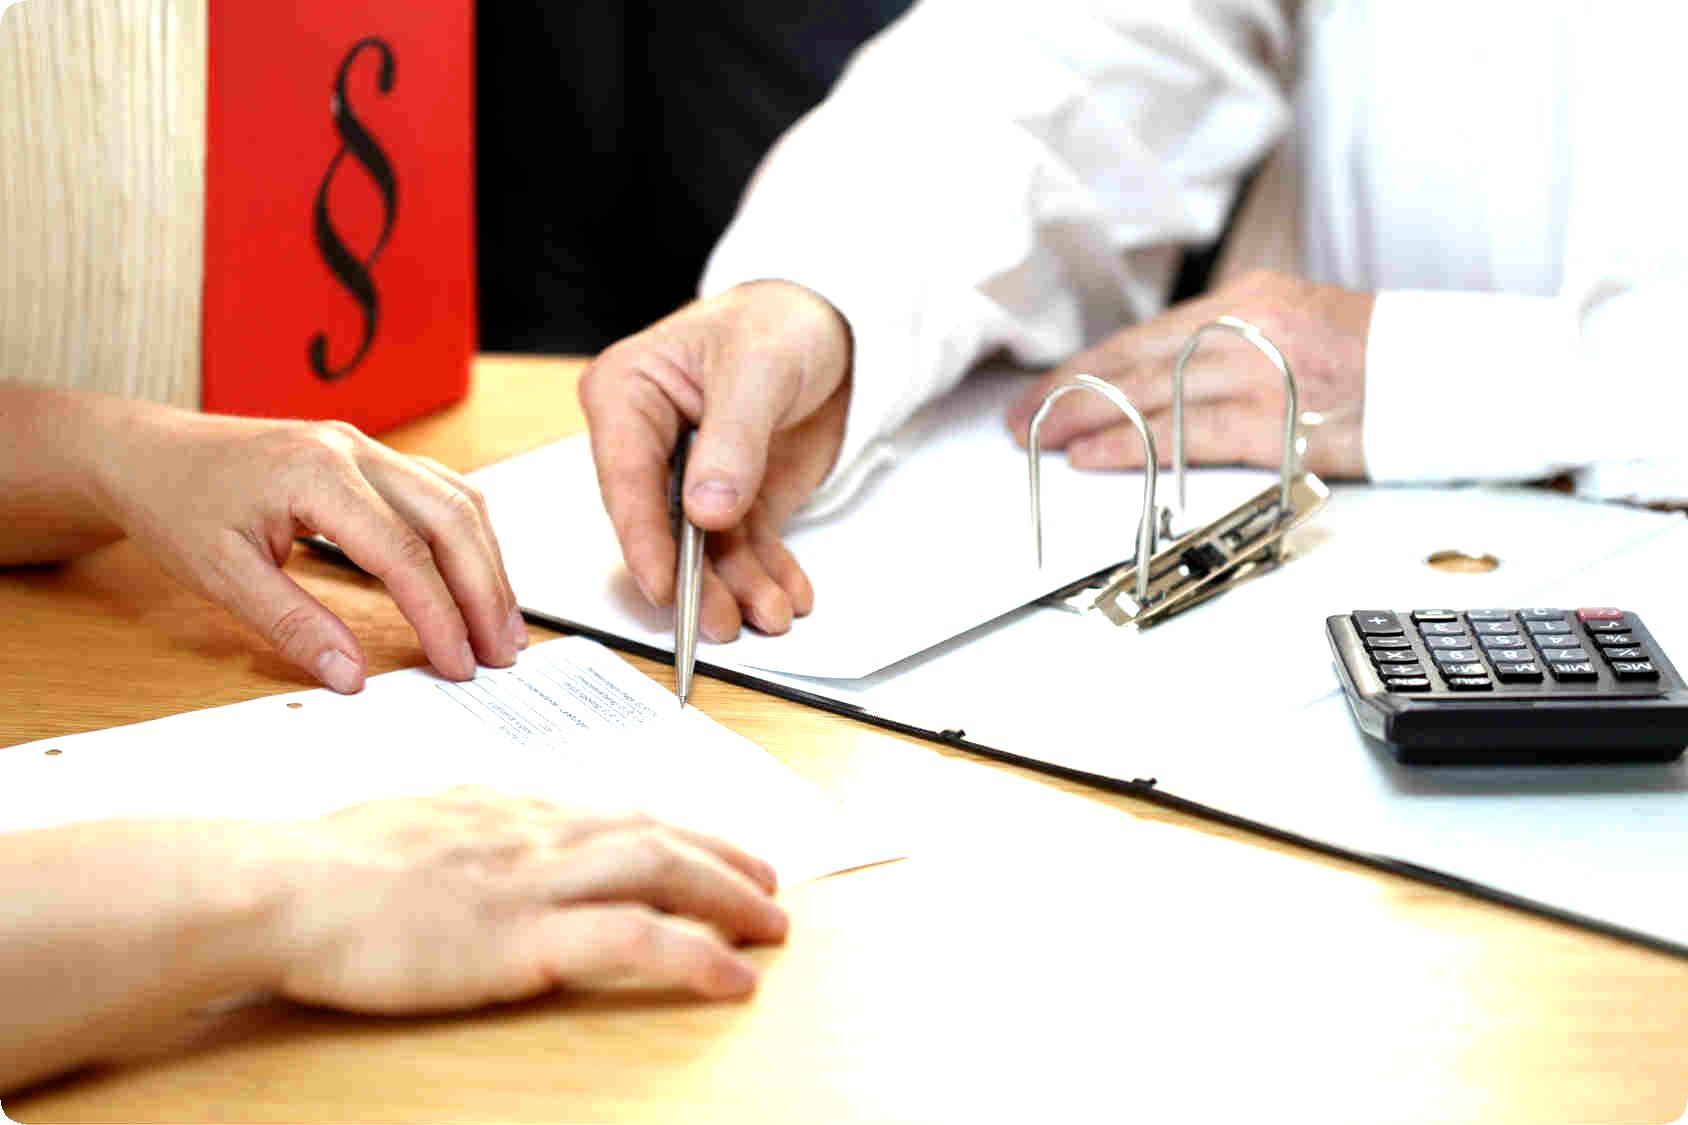 подготовка документов для кредита как оформить карту visa через интернет